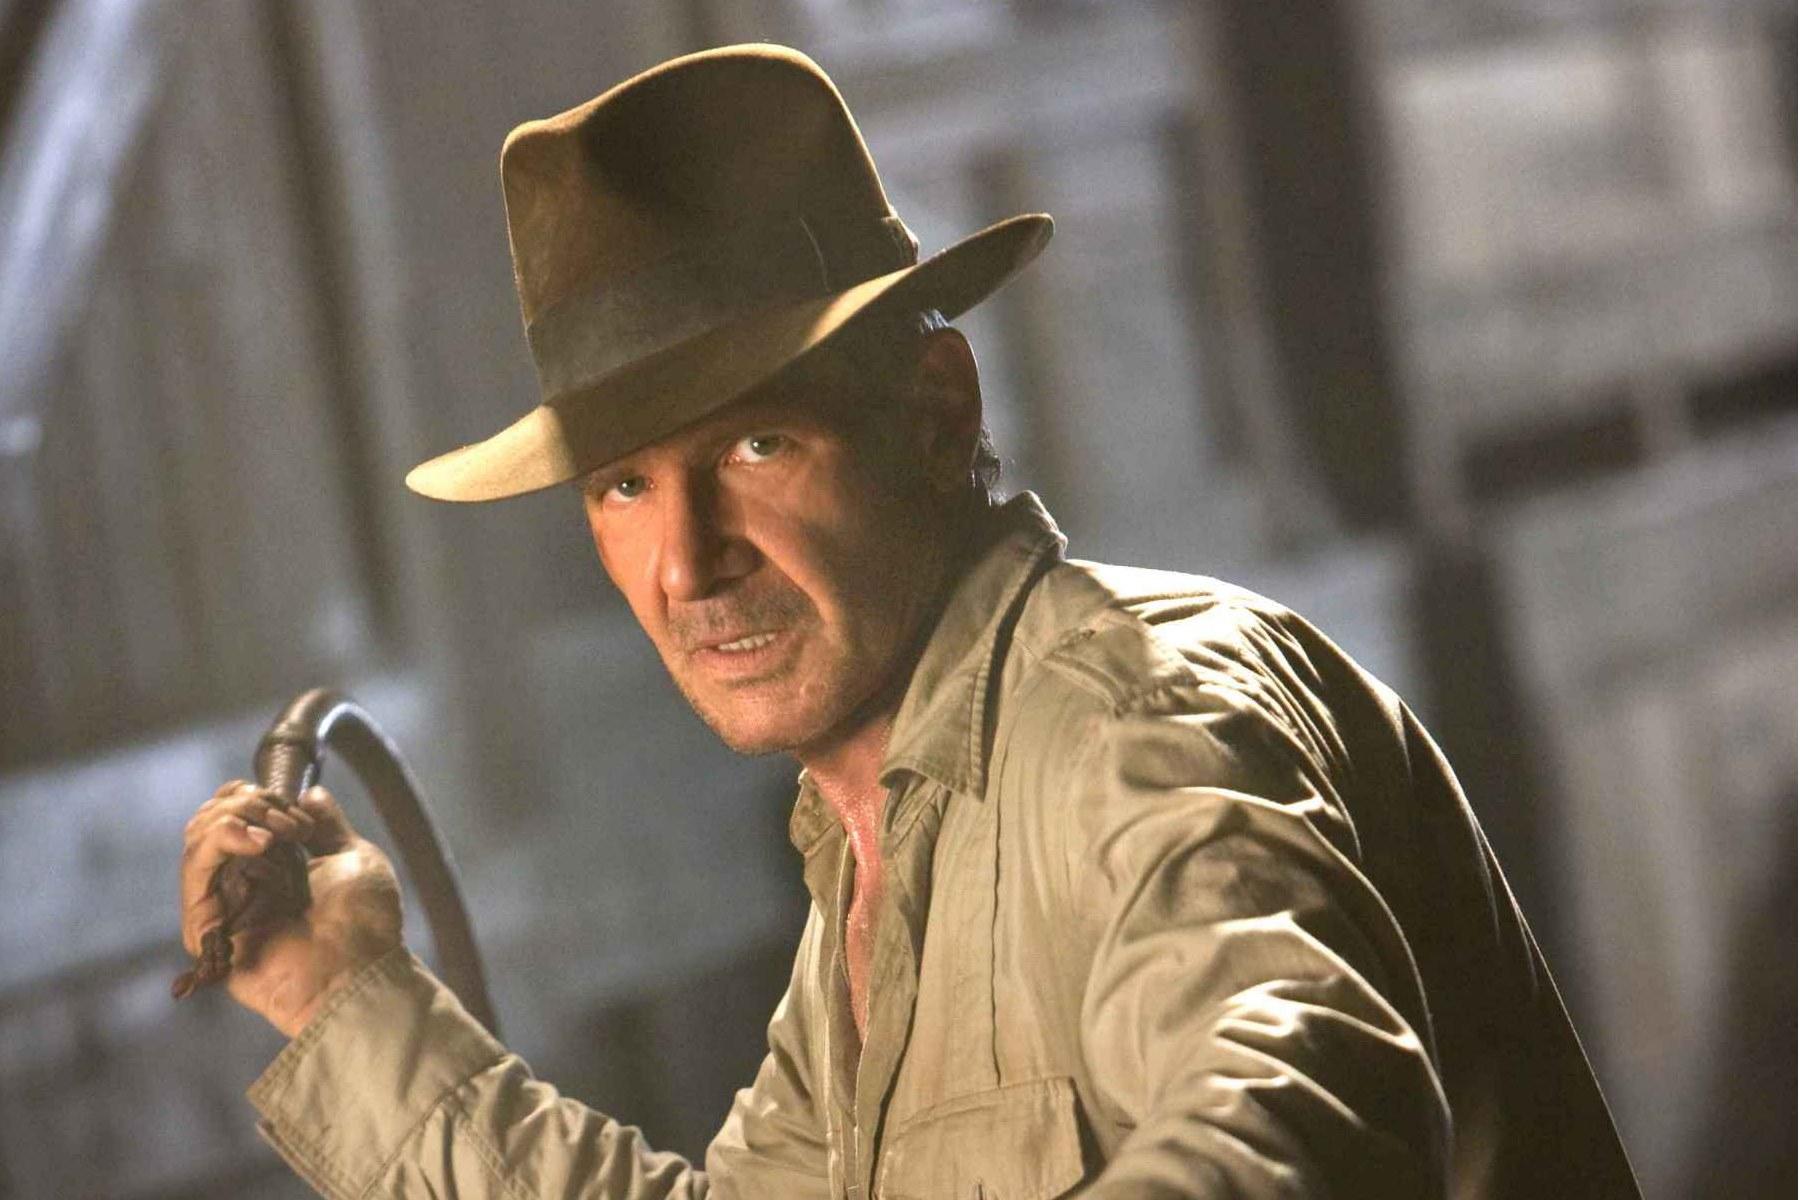 Friss hírek: A Disney egy évvel eltolta az Indiana Jones ötödik részének a premierét, 2019 júliusa helyett 2020. július 10-én debütál majd a régészprofesszor legújabb kalandja. Kilenc év telt el az Indiana Jones és a kristálykoponya királysága bemutatója óta, az utolsó nagyszerű Indiana Jones-filmet pedig még sokkal régebben, 28 éve mutatták be a mozik, szóval plusz egy évet simán tudunk várni, csak maradjon meg jó egészségben Harrison Ford. Harrison Ford az Indiana Jones és a kristálykoponya királysága című filmbenForrás: AFPmiddleon18001200 A filmsztár az ötödik rész bemutatójakor 78 éves lesz. Érdemes végignézni, hány éves volt Ford az egyes részek amerikai bemutatója idején:  Az elveszett frigyláda fosztogatói (1981) – 39 éves Indiana Jones és a végzet temploma (1984) – 42 éves Indiana Jones és az utolsó kereszteslovag (1989) – 47 éves Indiana Jones és a kristálykoponya királysága (2008) – 66 éves  Arra tippelünk, hogy az ötödik rész figyelmen kívül fogja hagyni a negyediket, legalábbis nehezen tudjuk elképzelni, hogy a mostanság a művészeti projektjeire koncentráló, nehezen kezelhető Shia LaBeouf-t, vagyis Indiana Jones fiának a megformálóját visszahívnák a következő felvonásba. És az sem hisszük, hogy a tavaly az American Honey-ban nagyot alakító színésznek kedve lenne még egy szuperprodukcióhoz.